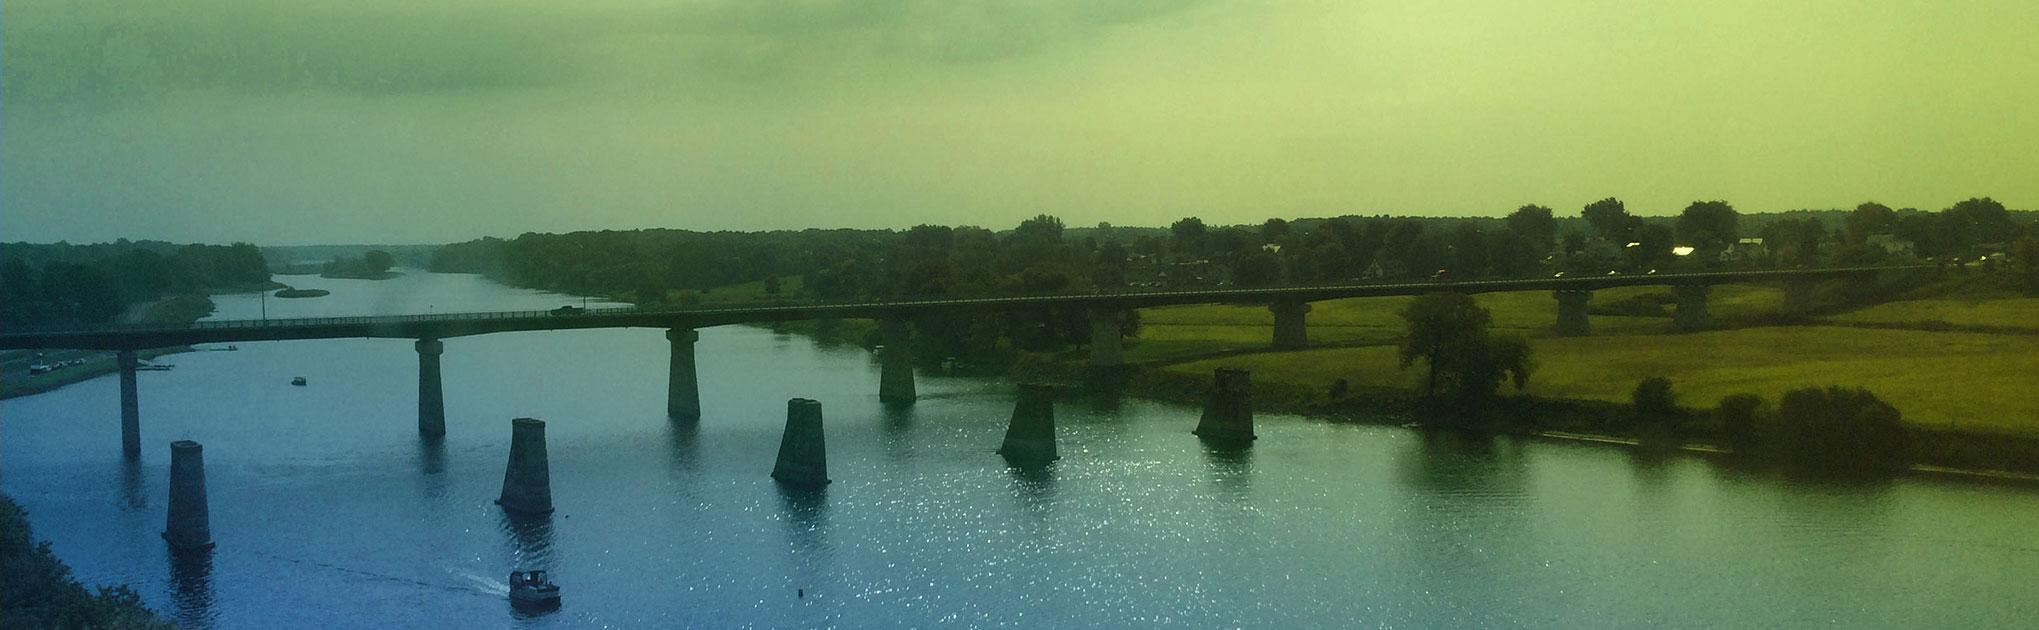 PIERREVILLE-pont